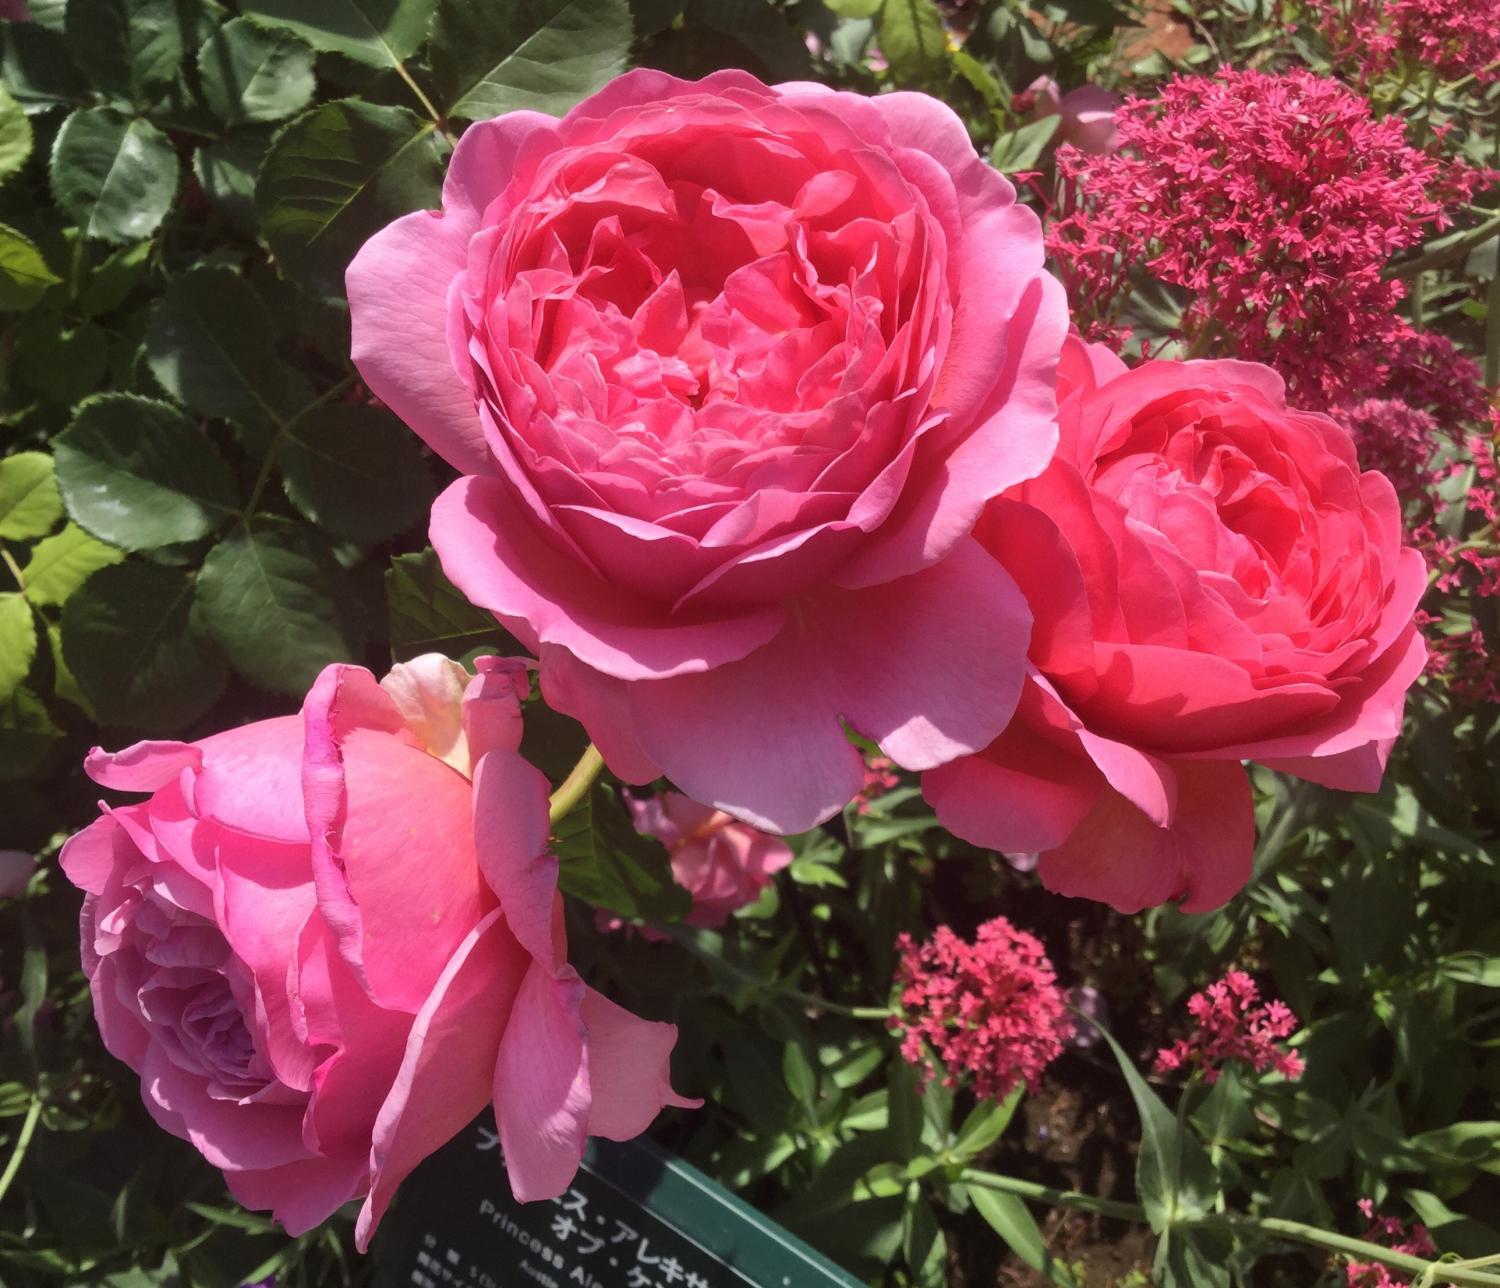 매혹의 장미 사계의 향기 로즈 가든을 물들이는 장미